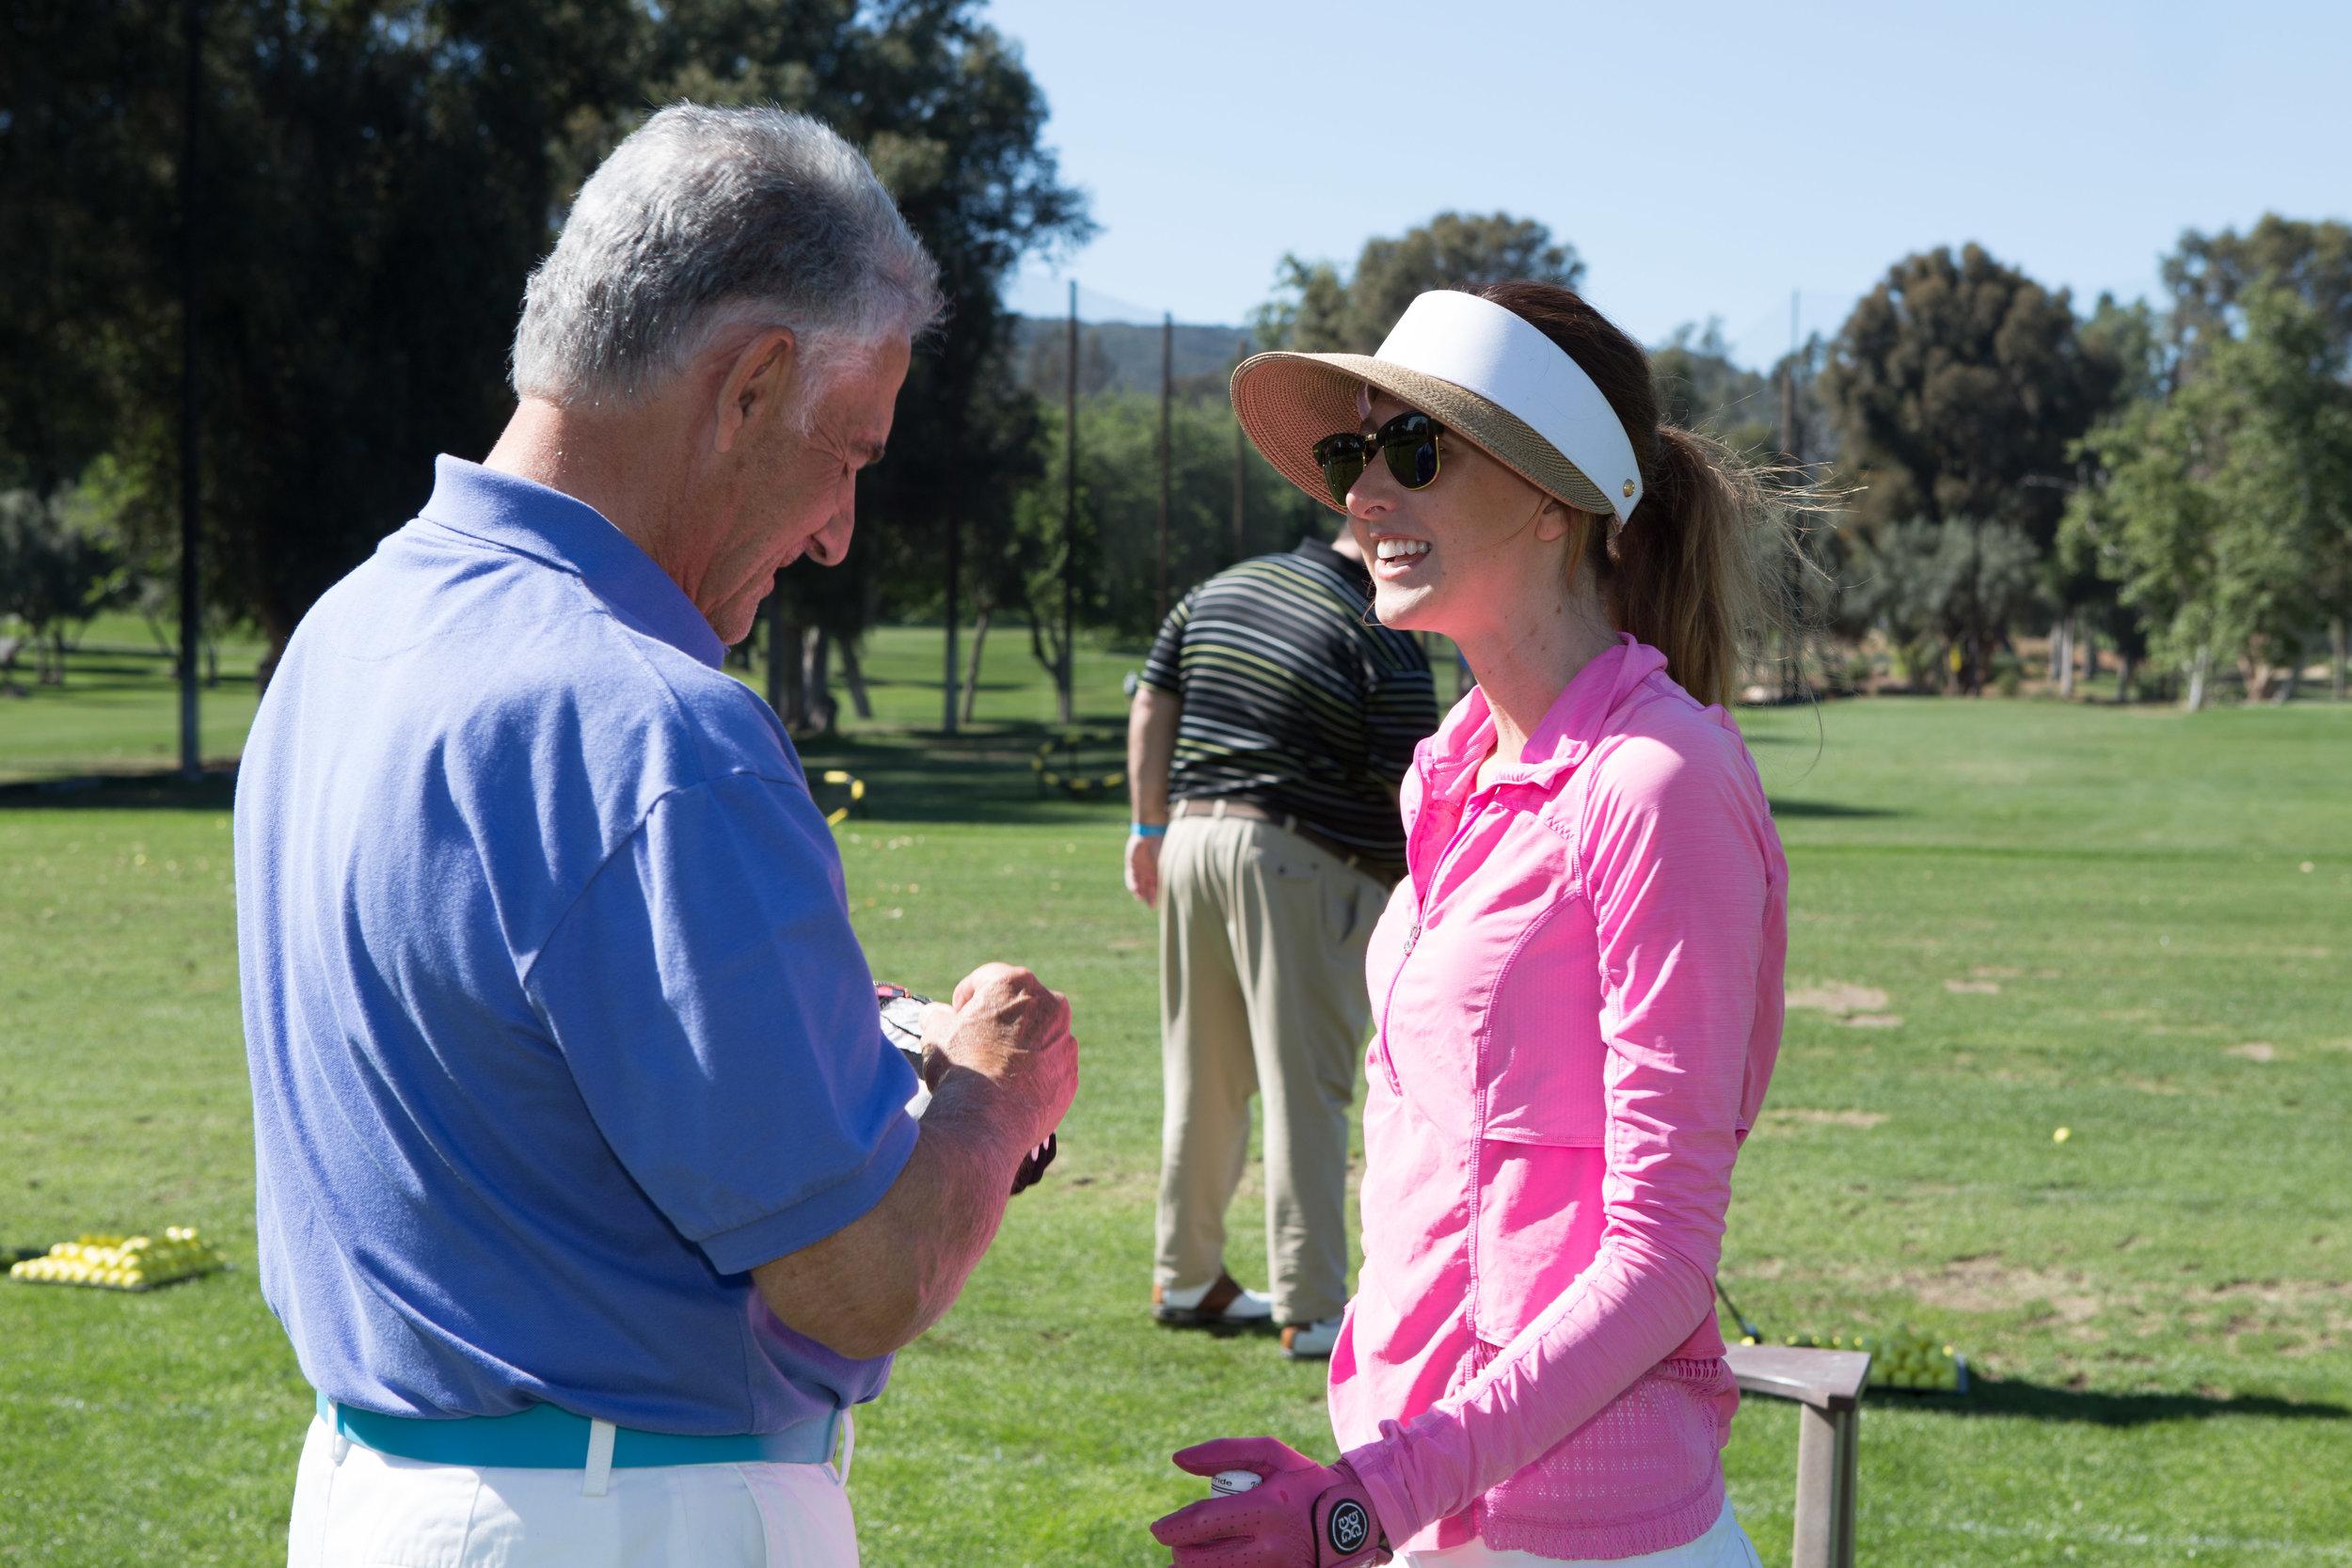 IMG_7760-Ron & lady golfer.jpg